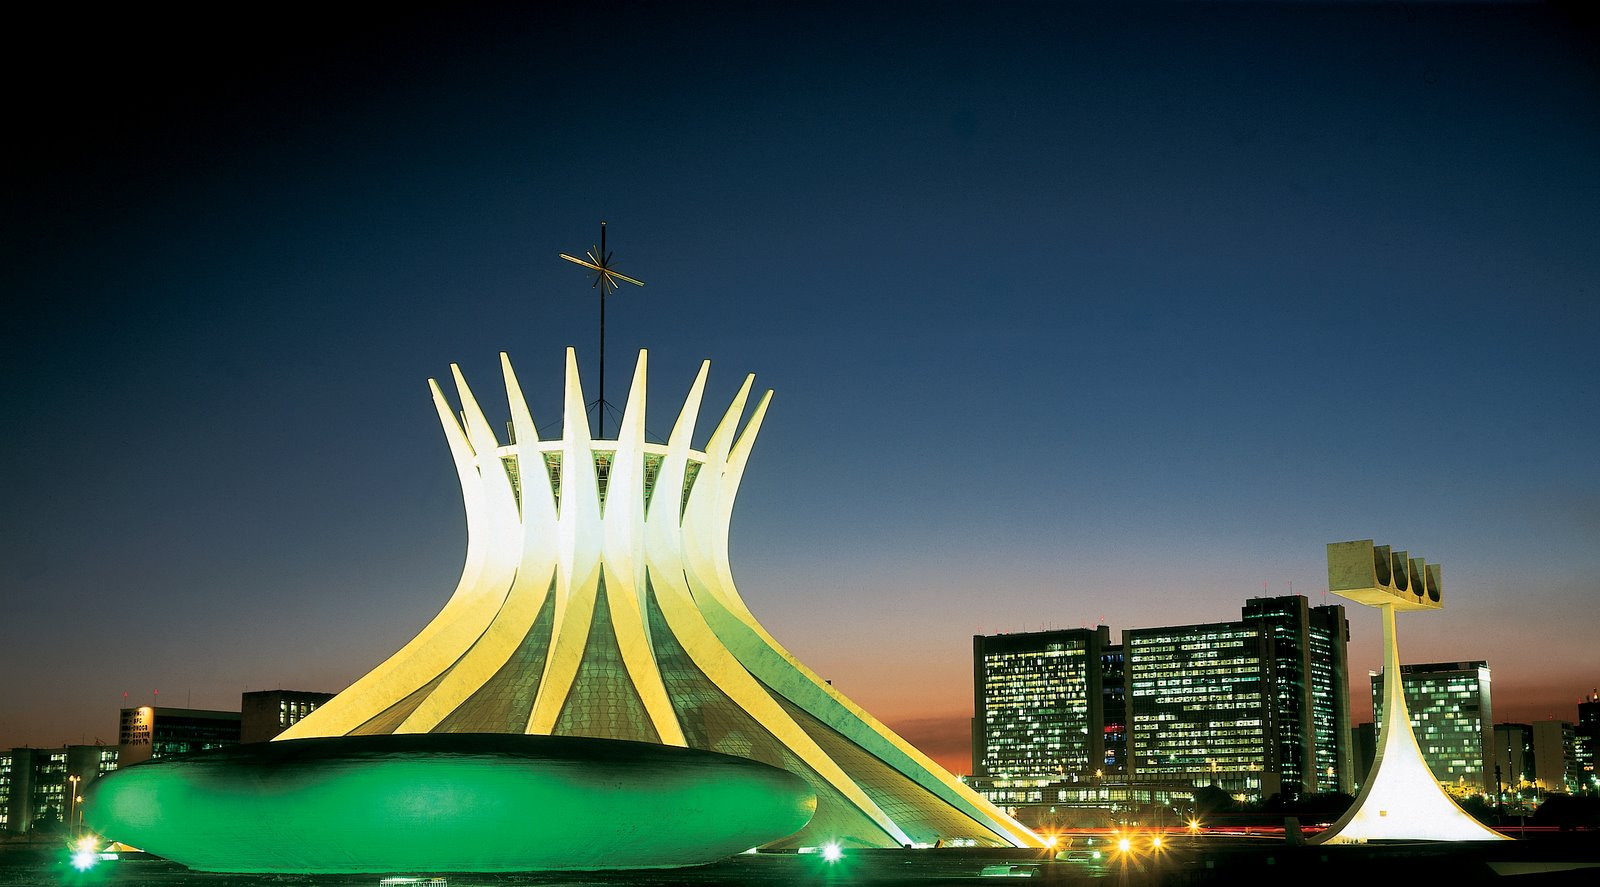 Veja o que abre e fecha em BRASÍLIA durante o Carnaval Diálogos  #B59817 1600x887